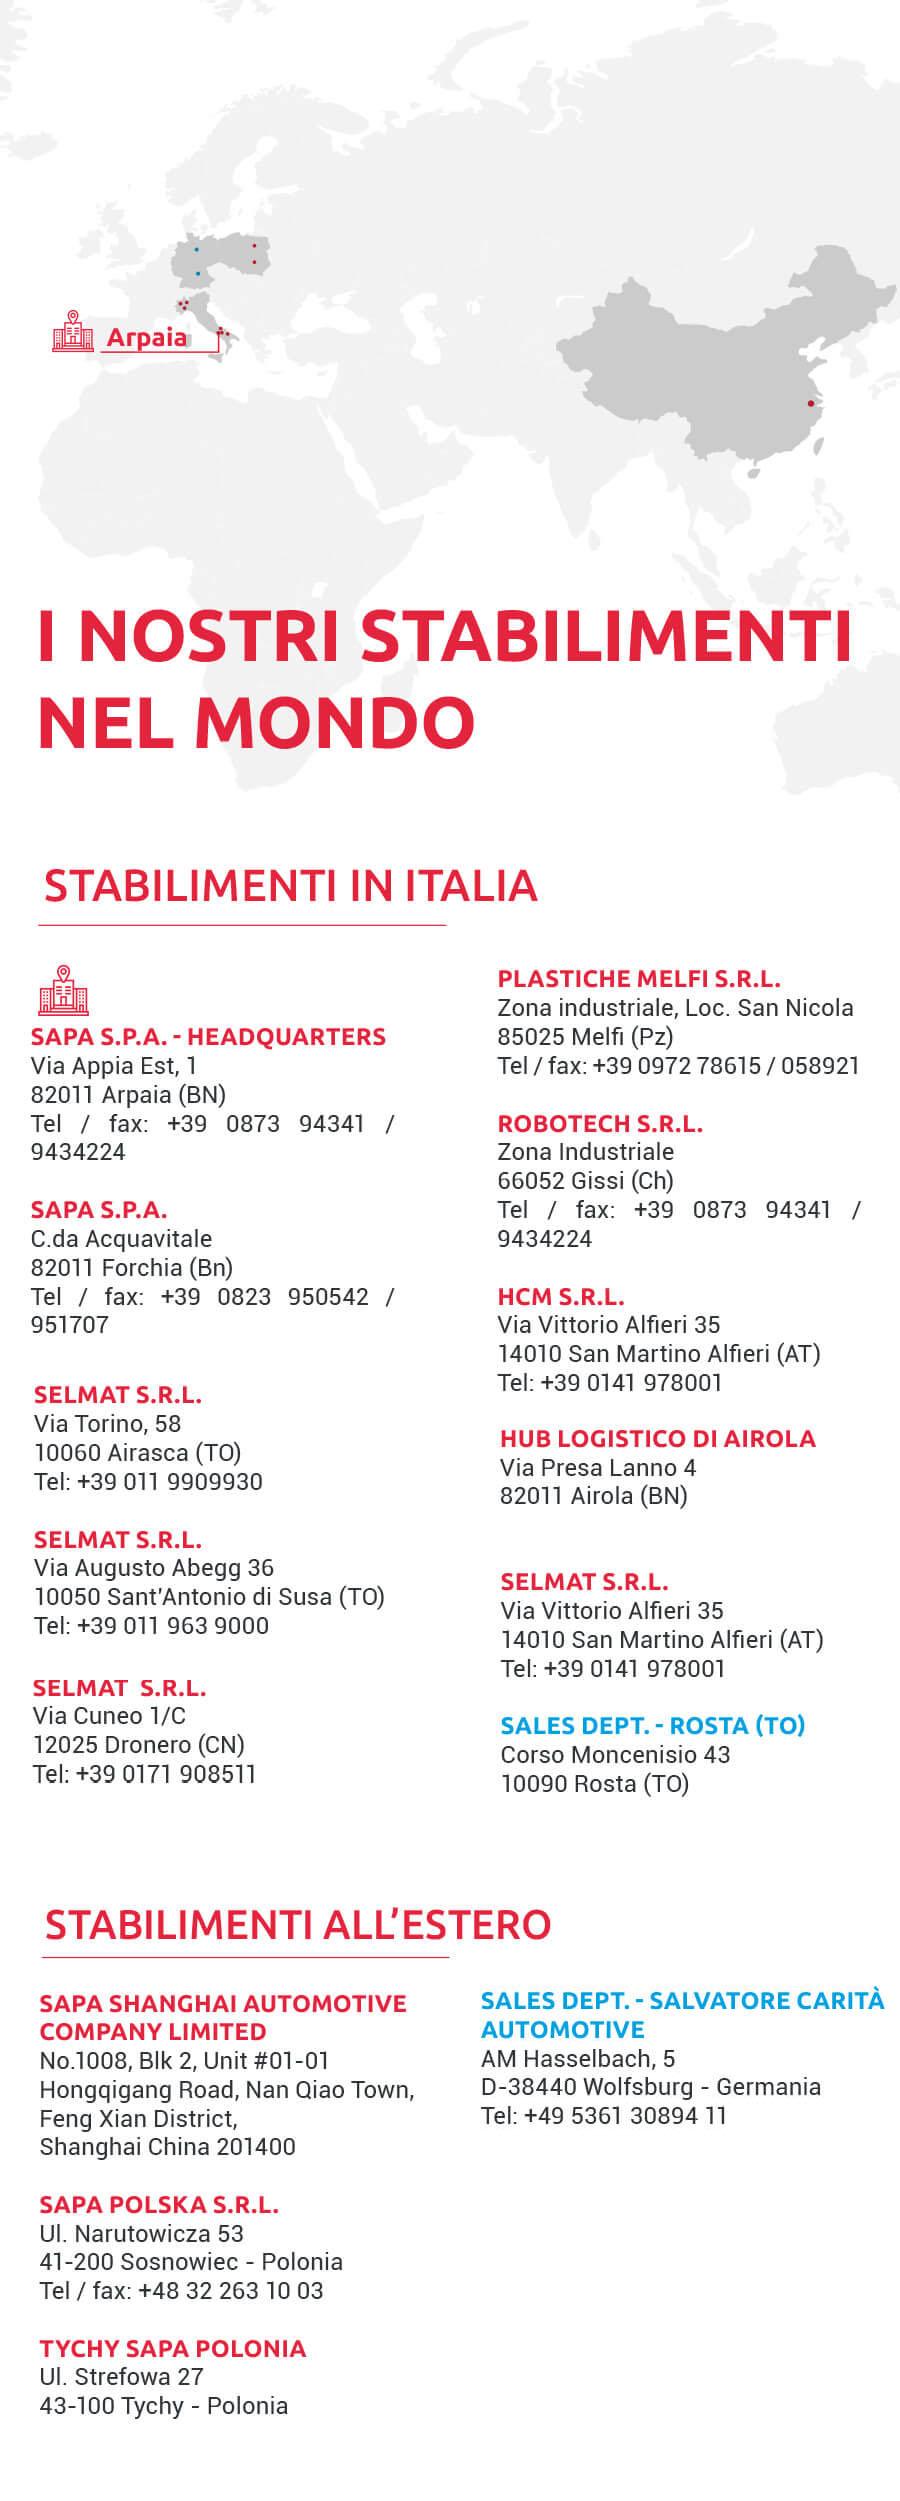 mappa-stabilimenti-mobile